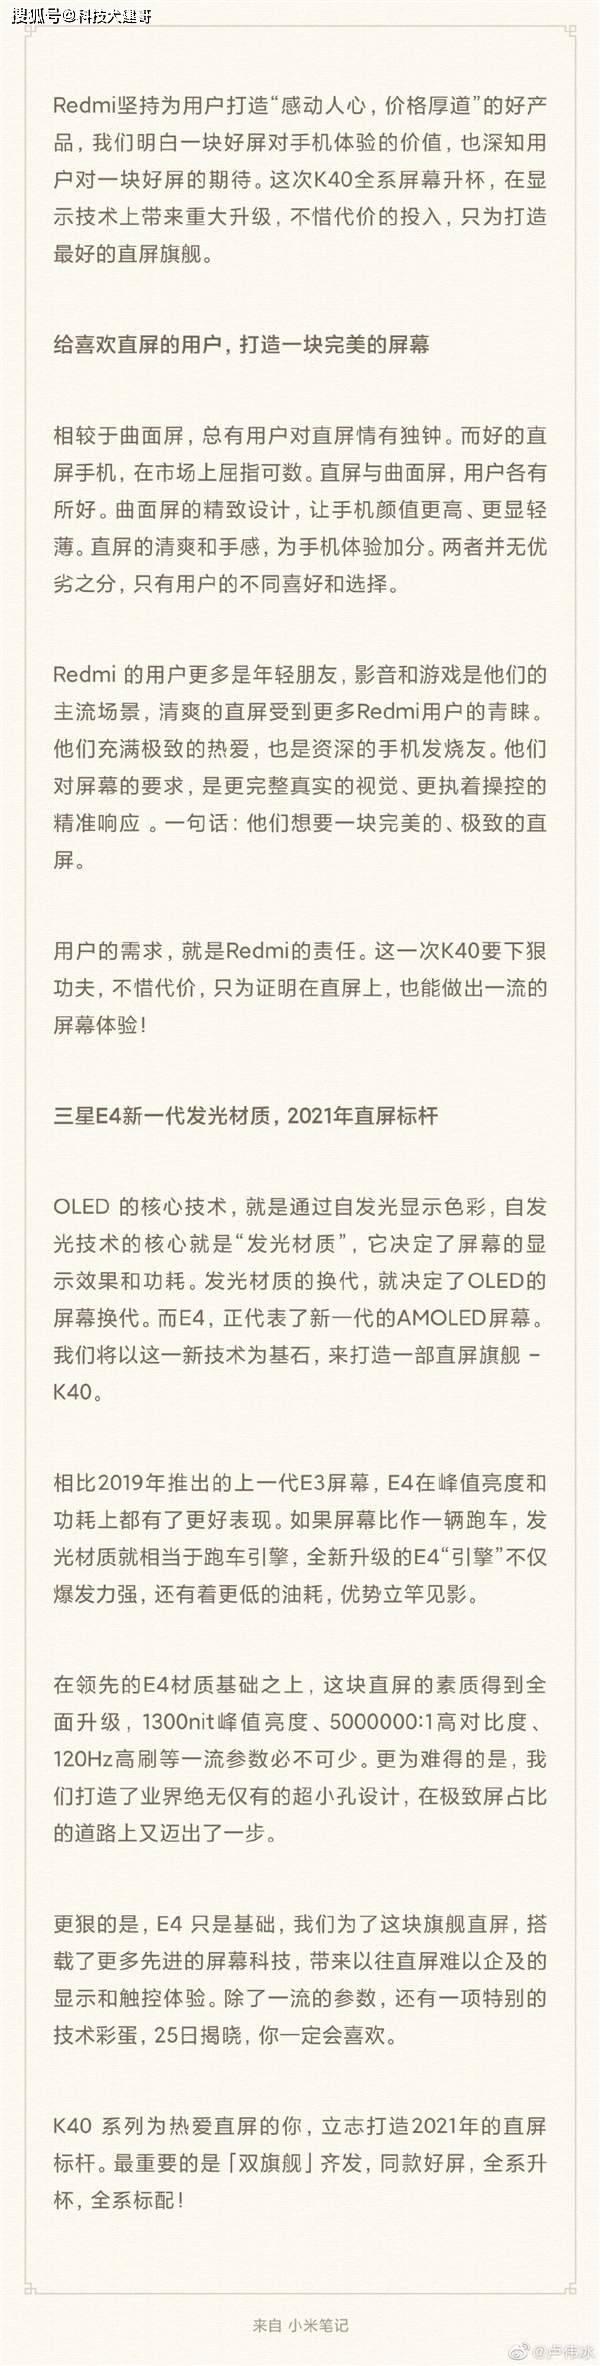 天顺app下载-首页【1.1.5】  第7张